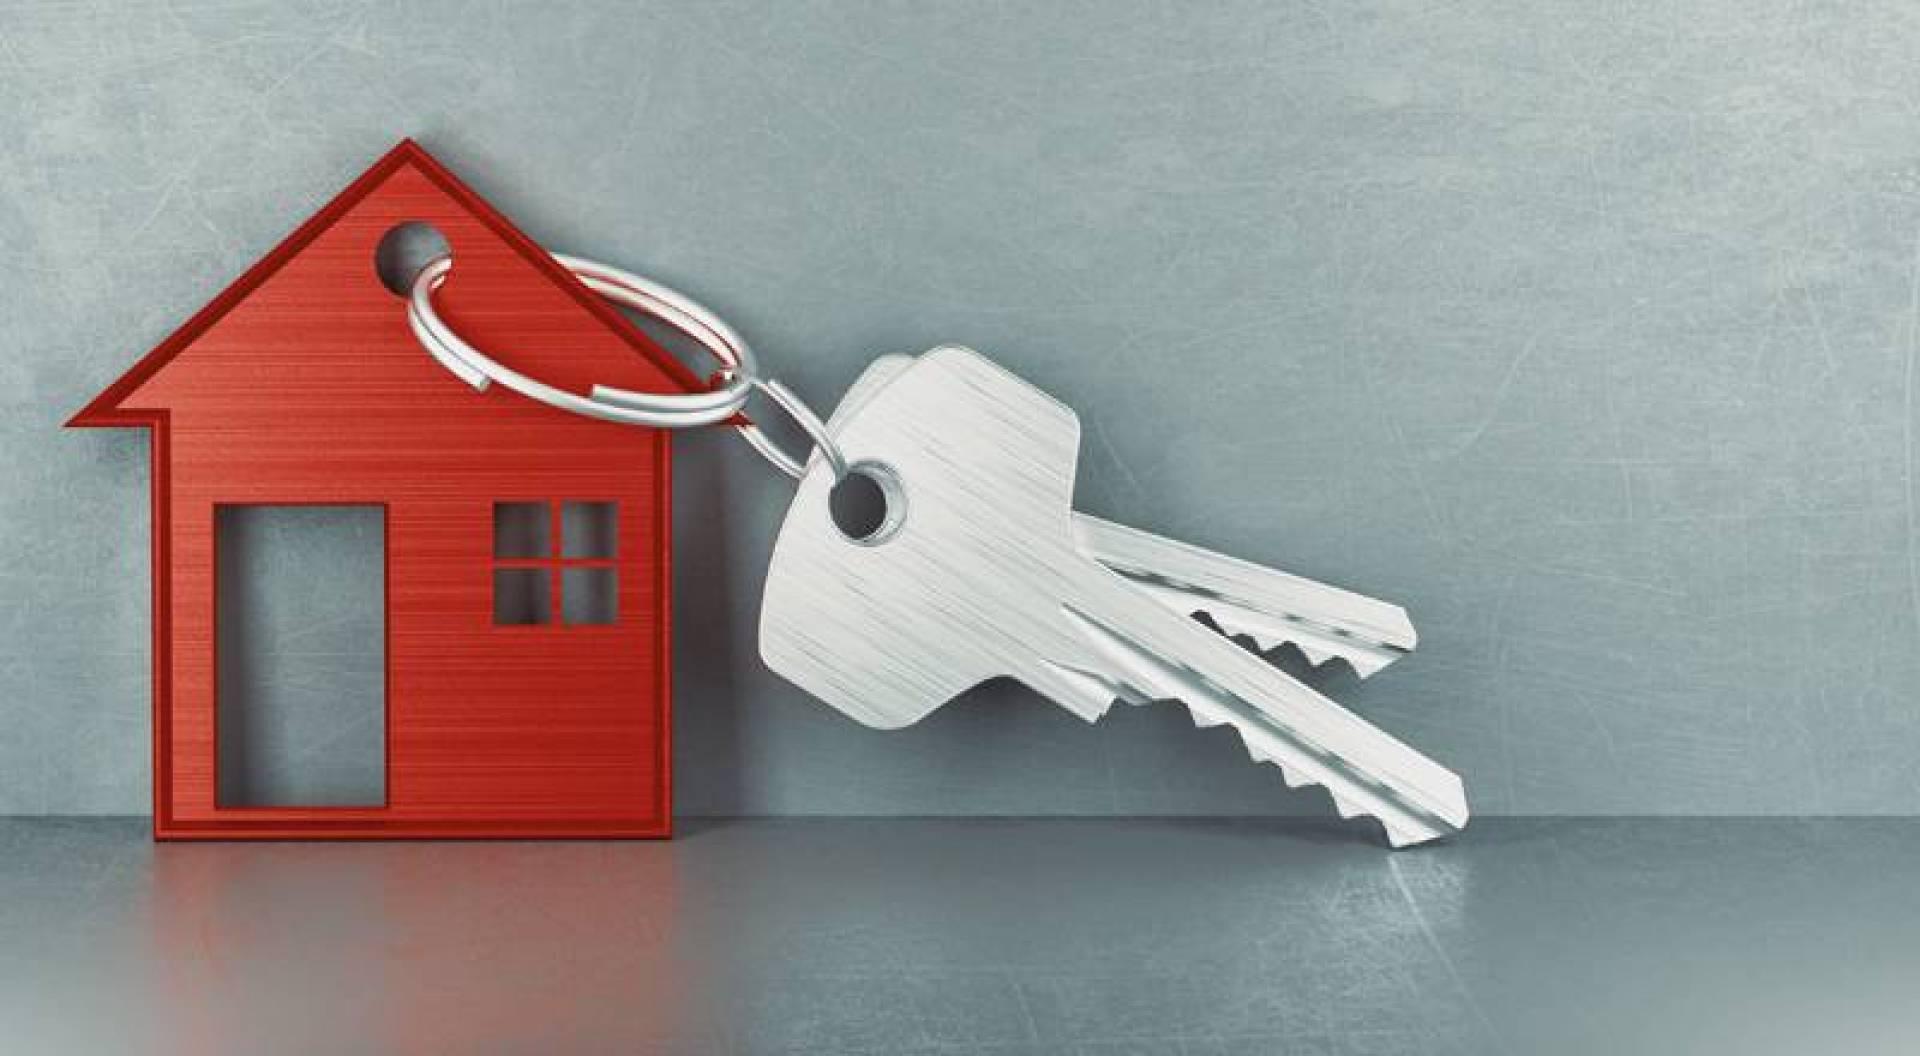 %5 فقط وُزِّعت من الطلبات الإسكانية!